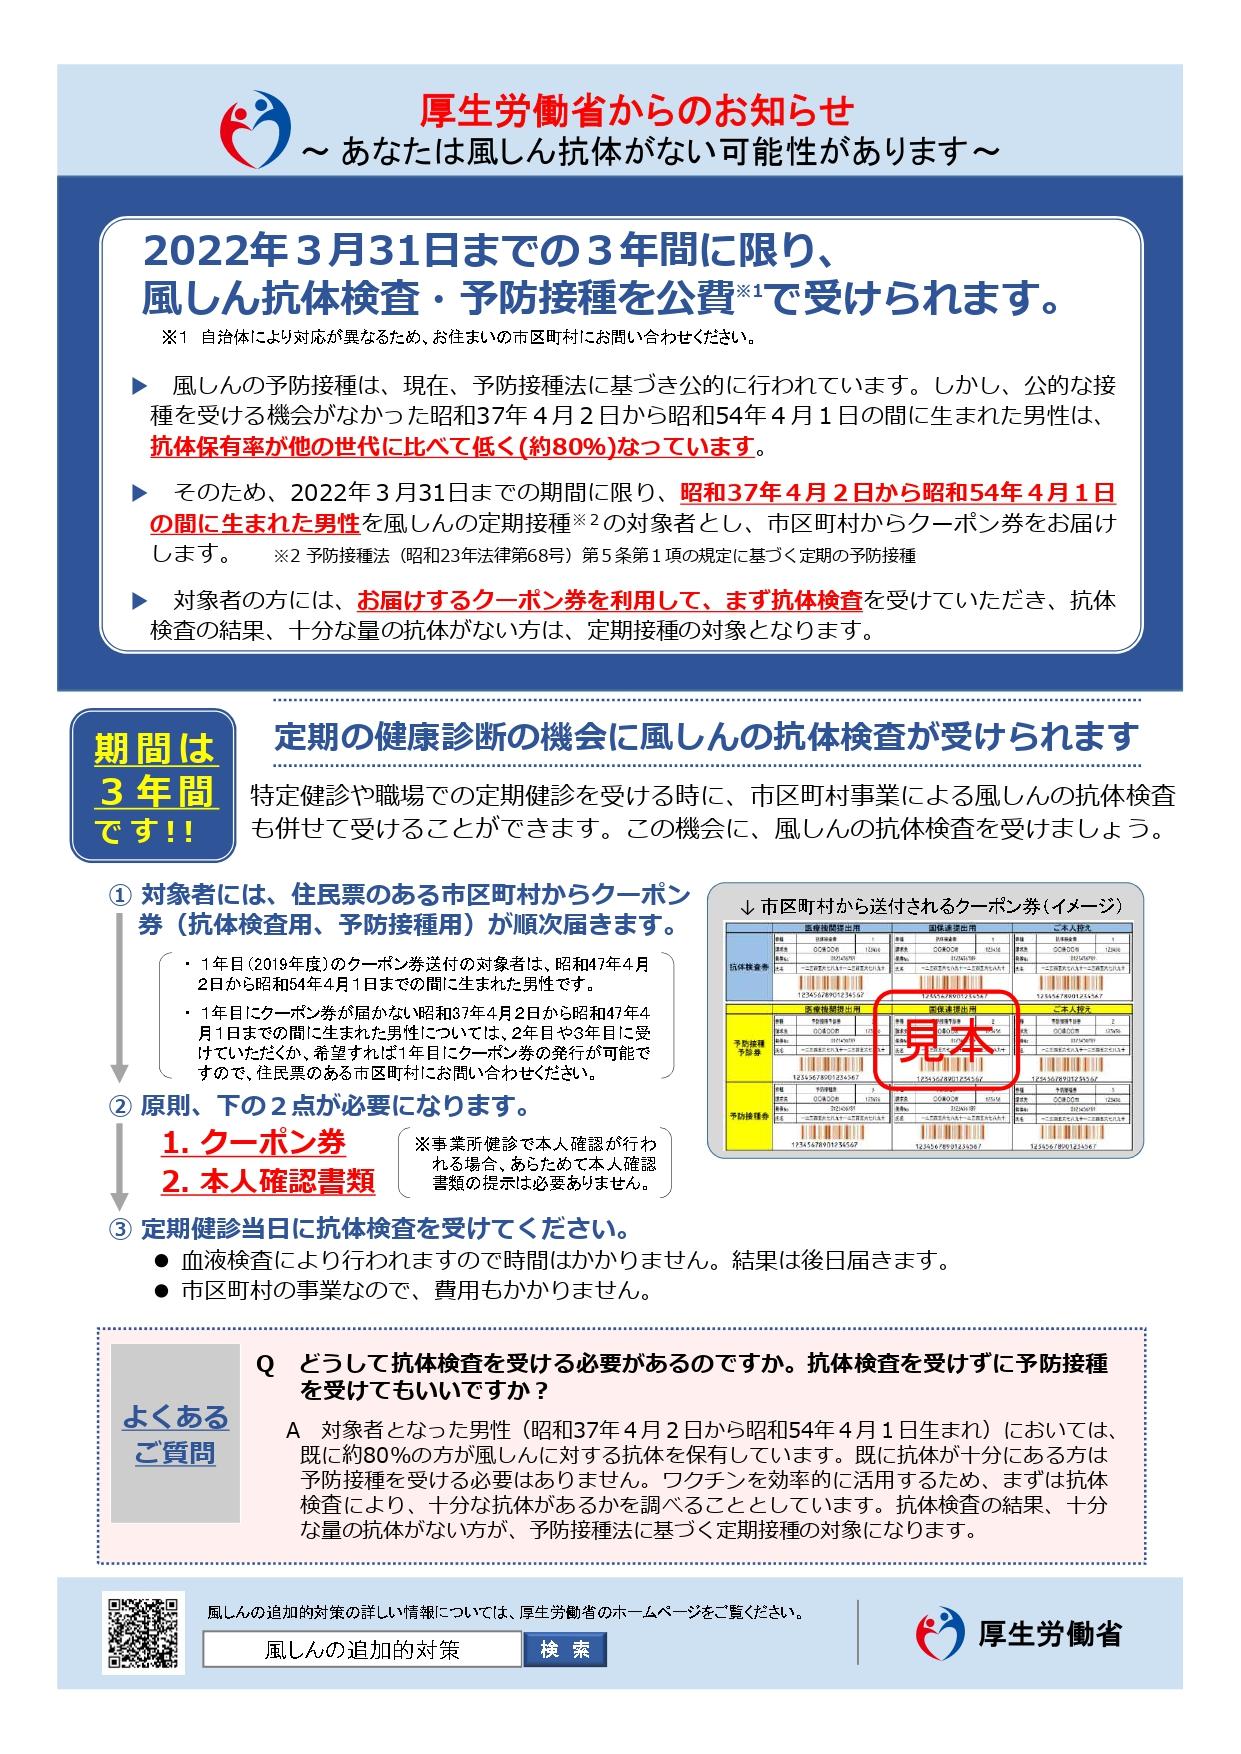 風疹 抗体 検査